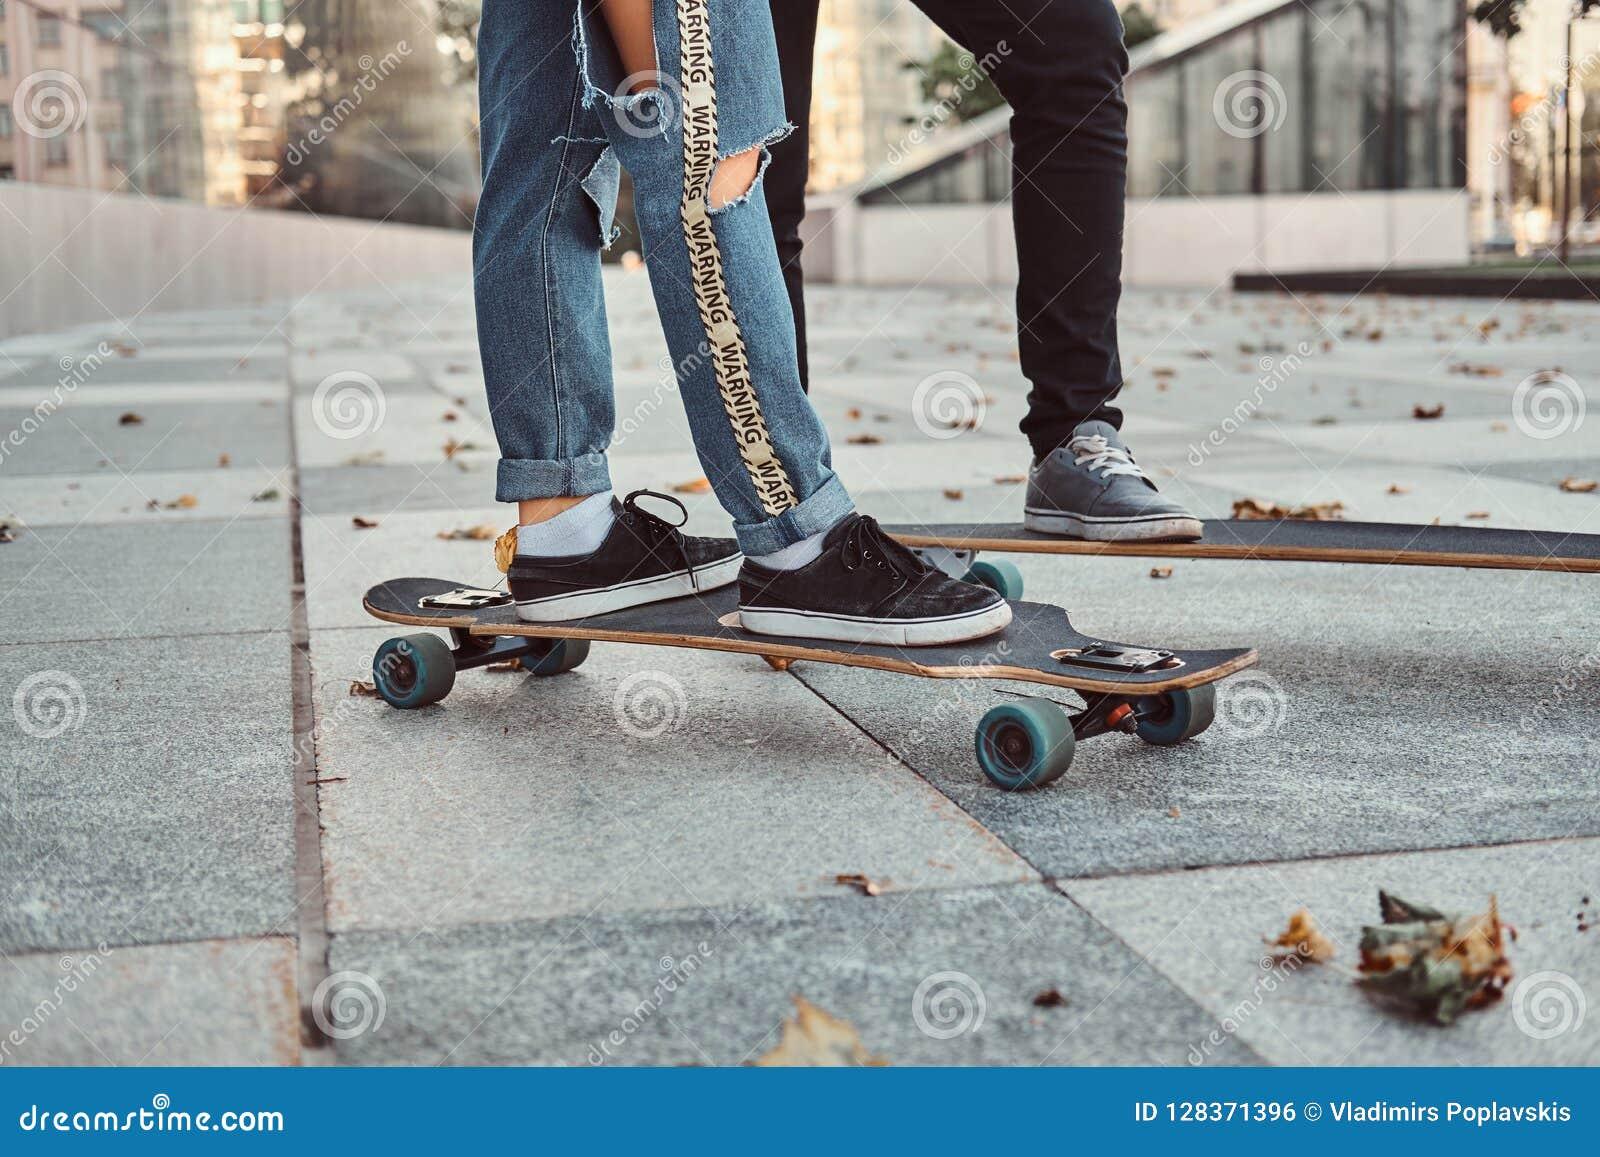 休闲和体育概念-一时髦穿戴的青少年的加上的特写镜头照片在街道上的滑板